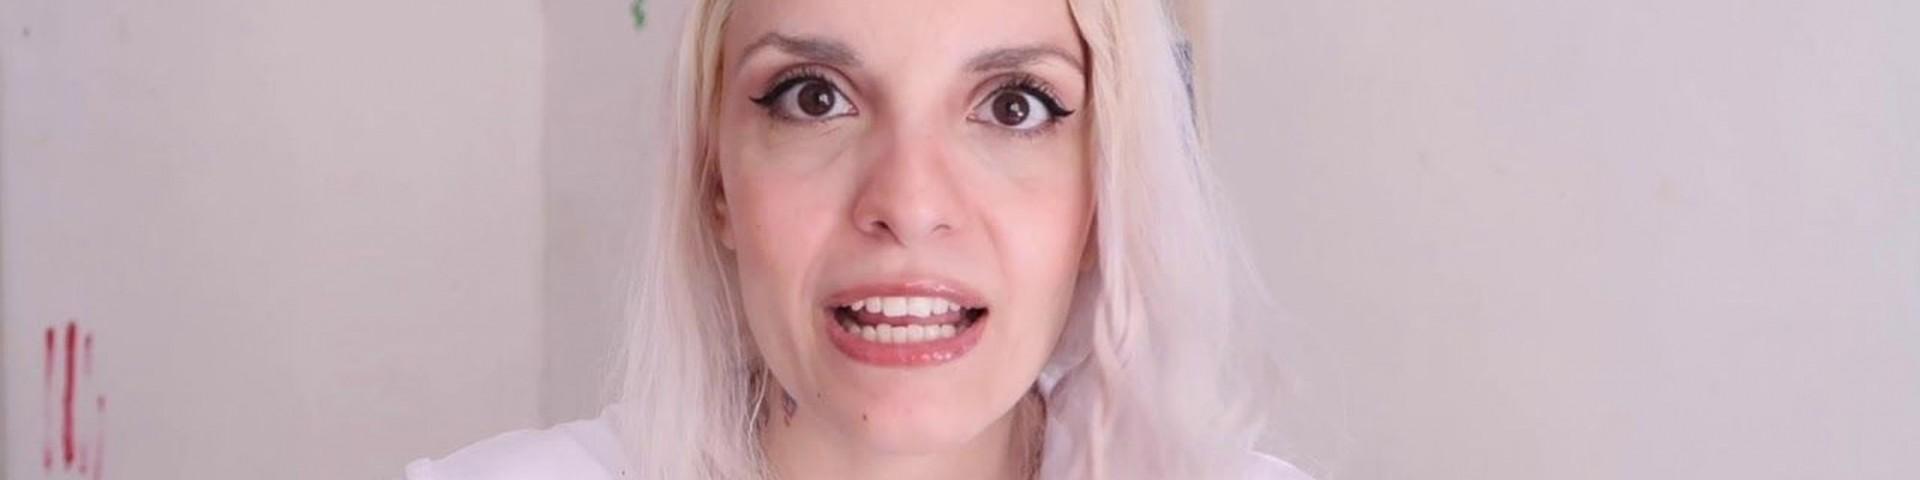 Chi è Marta Suvi, alias Barbie Xanax?